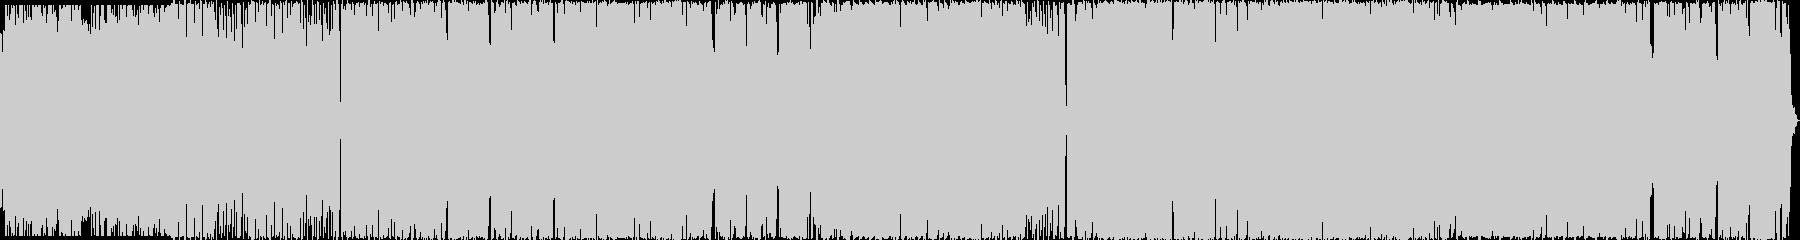 ハロウィン系BGM パンプキンパーティの未再生の波形